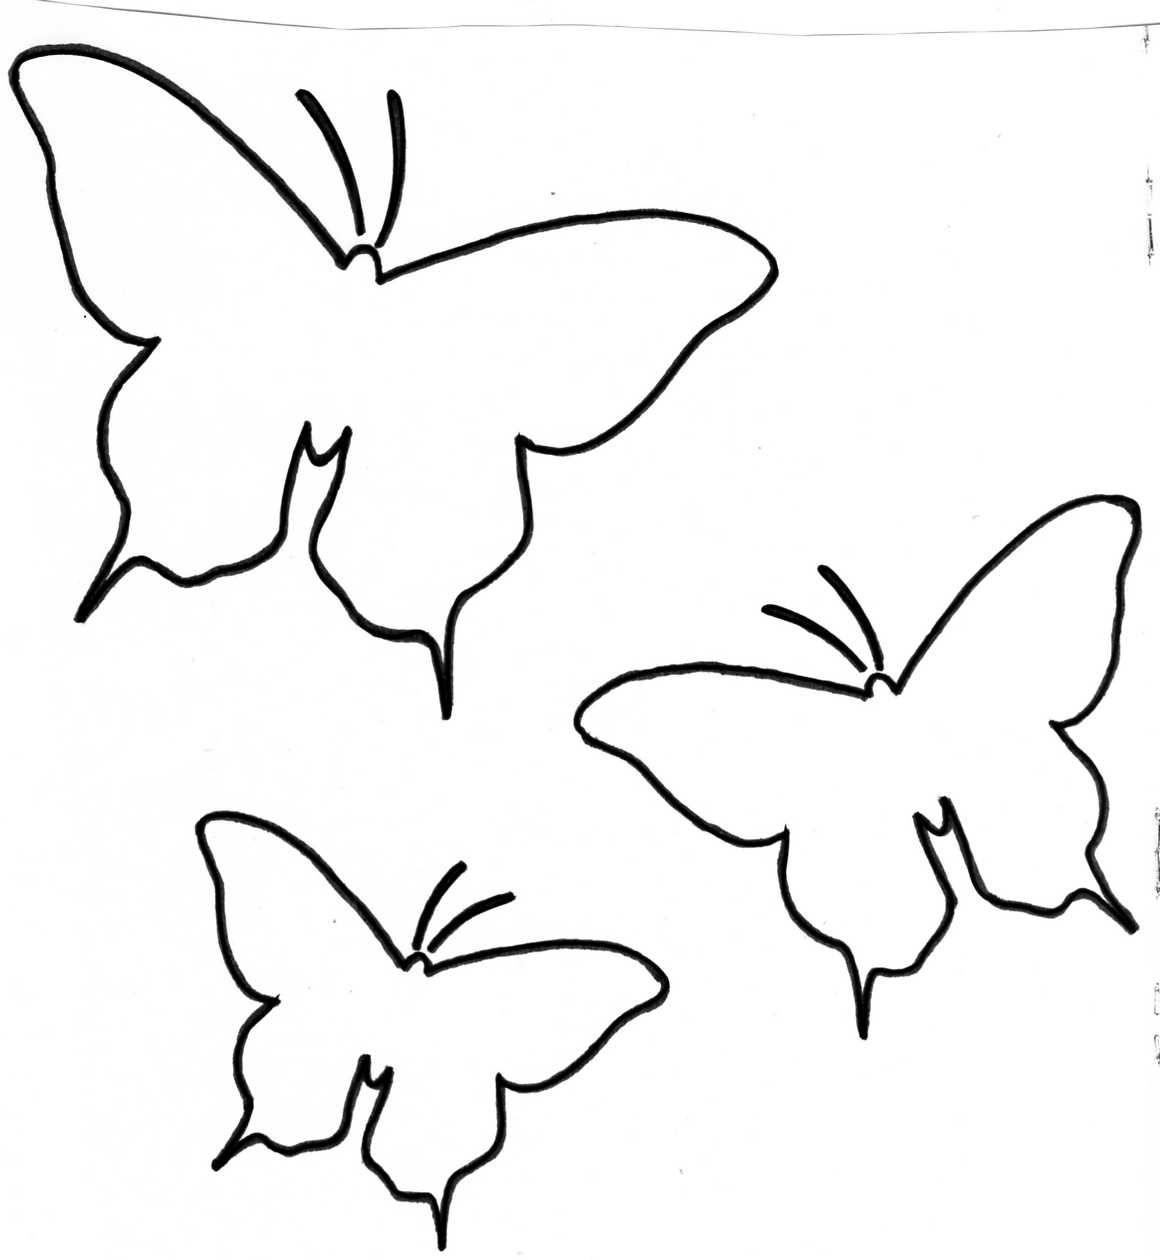 Patron-Papillon | Gabarit Fleur, Gabarit Papillon, Dessin à Papillon À Dessiner